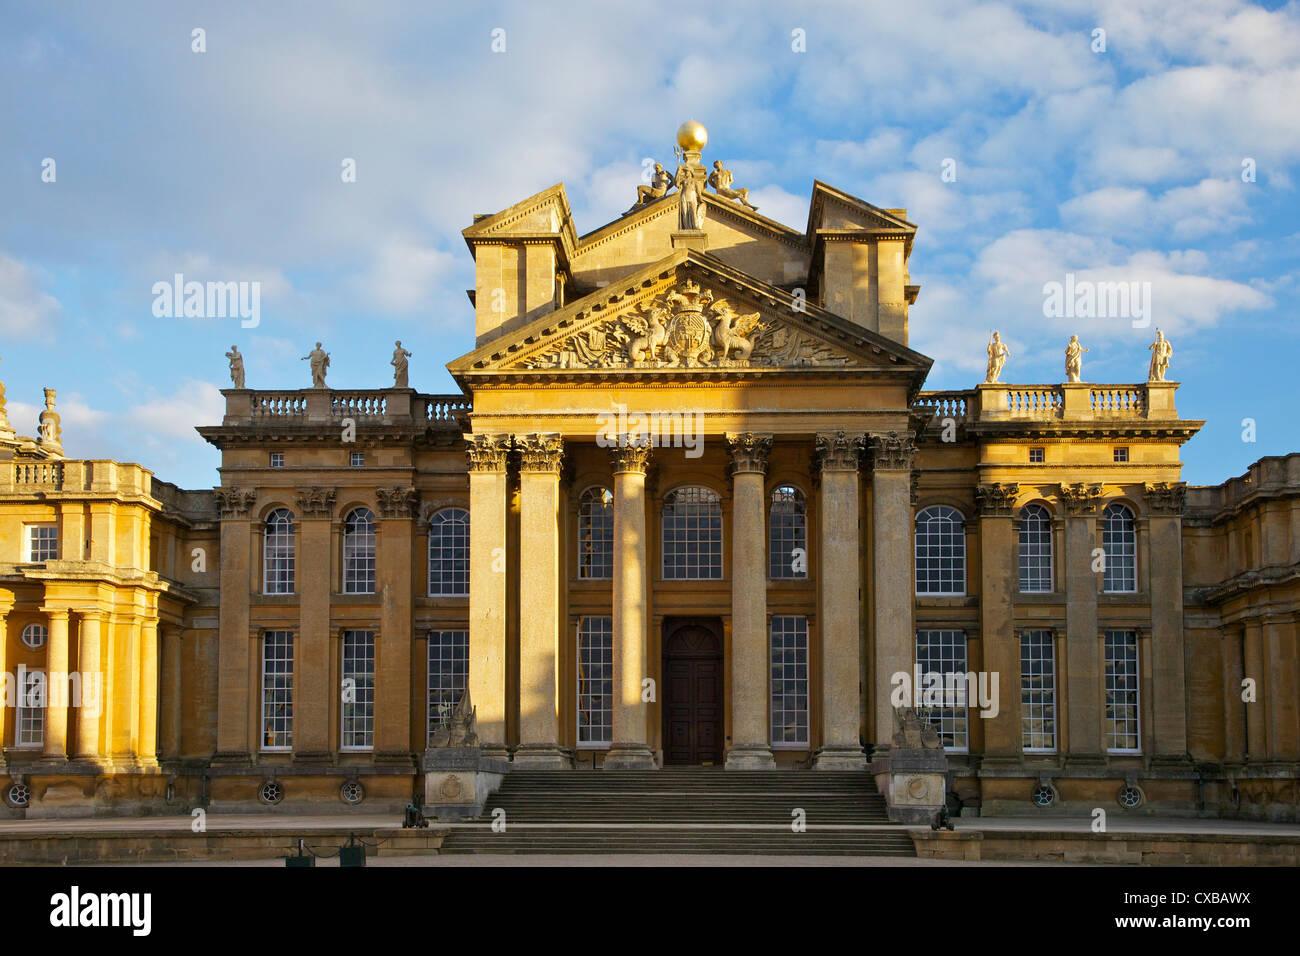 Entrada principal, el Palacio de Blenheim, Sitio del Patrimonio Mundial de la UNESCO, Woodstock, Oxfordshire, Inglaterra, Imagen De Stock